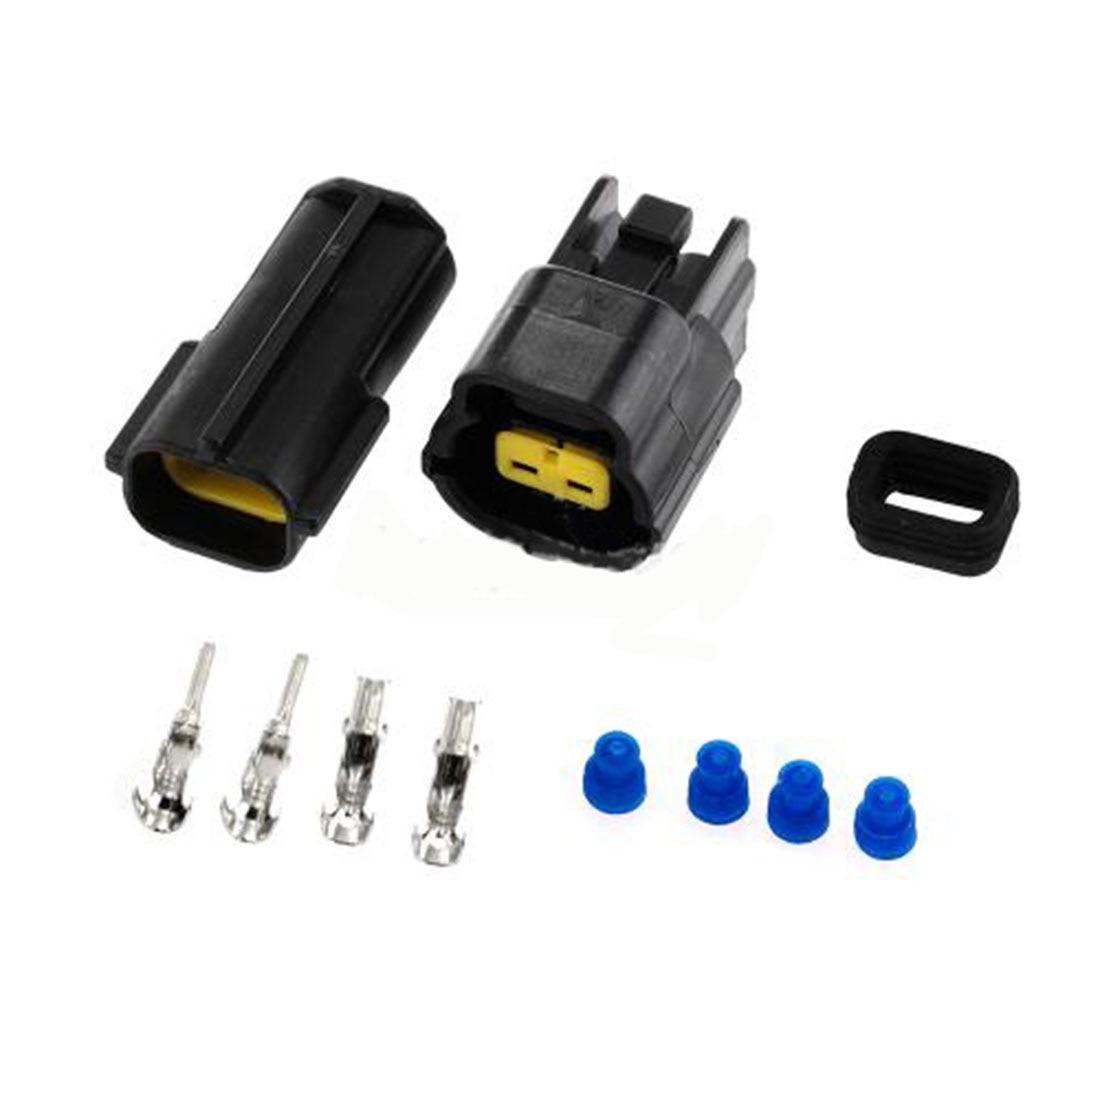 Pared Delgada 0.5mm² 11 Amp Cable de núcleo único para la industria automotriz /& Uso Marino